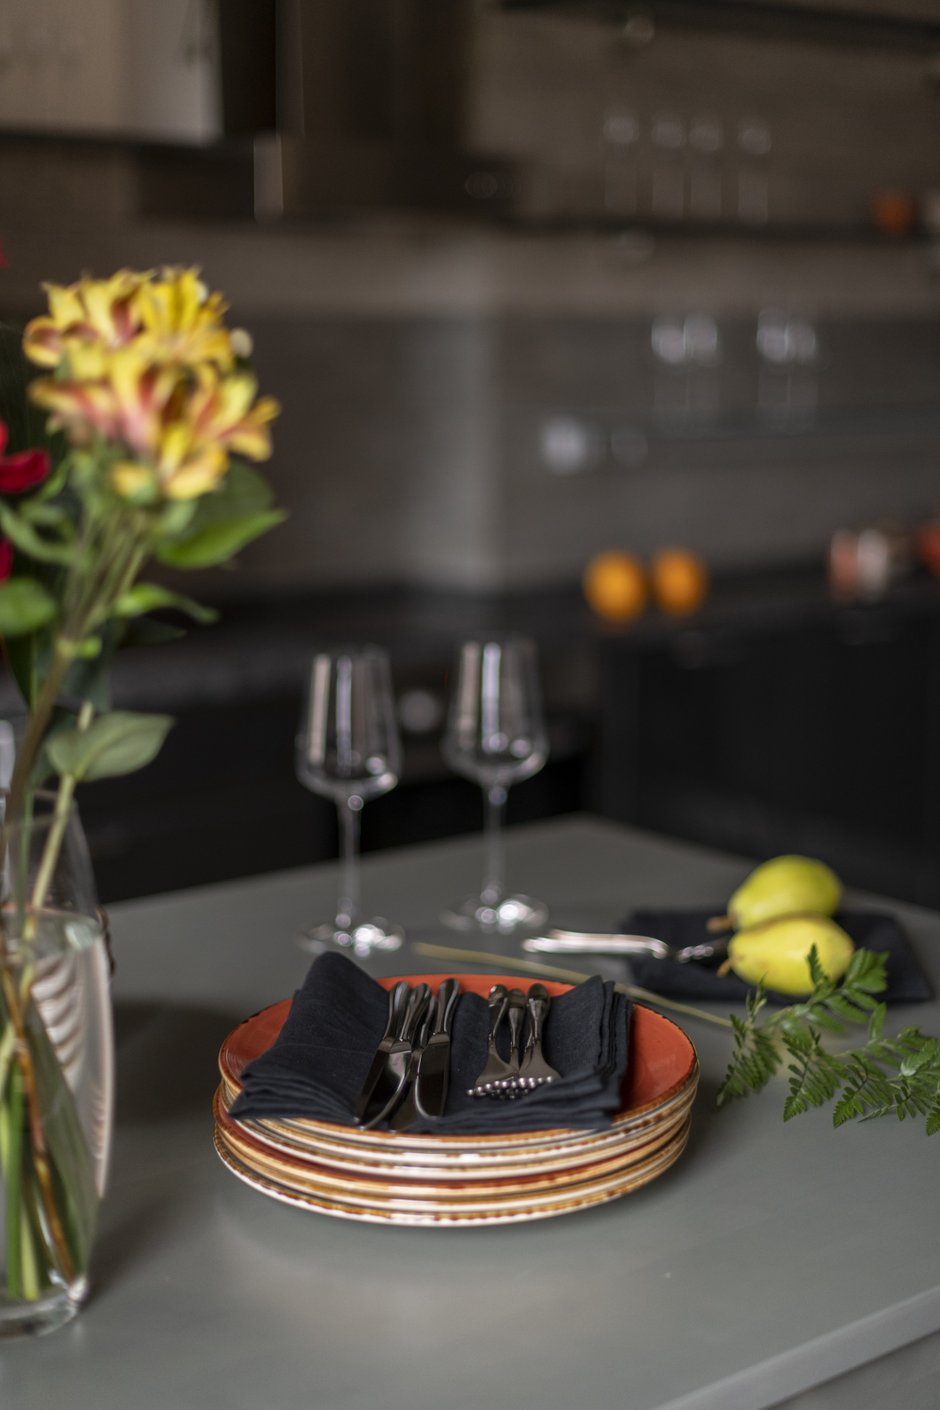 Фотография: Кухня и столовая в стиле Лофт, Современный, Квартира, Проект недели, Москва, Марина Саркисян, 2 комнаты, 40-60 метров – фото на INMYROOM